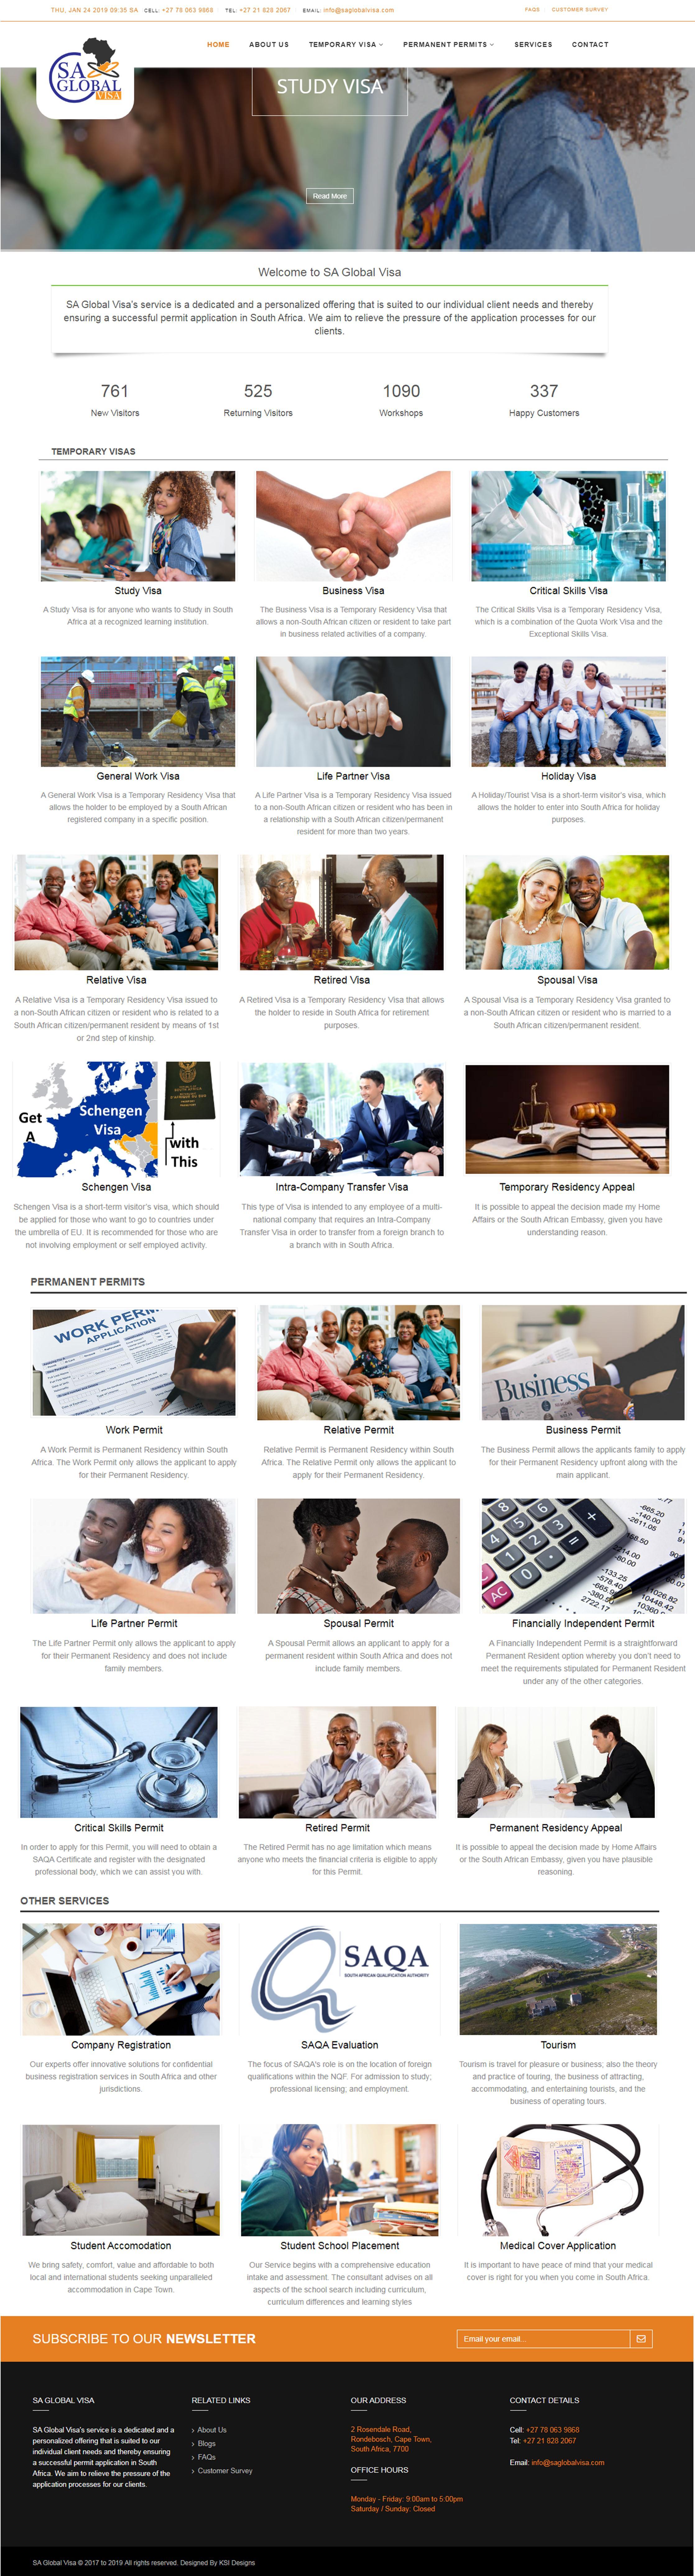 SA Global Visa